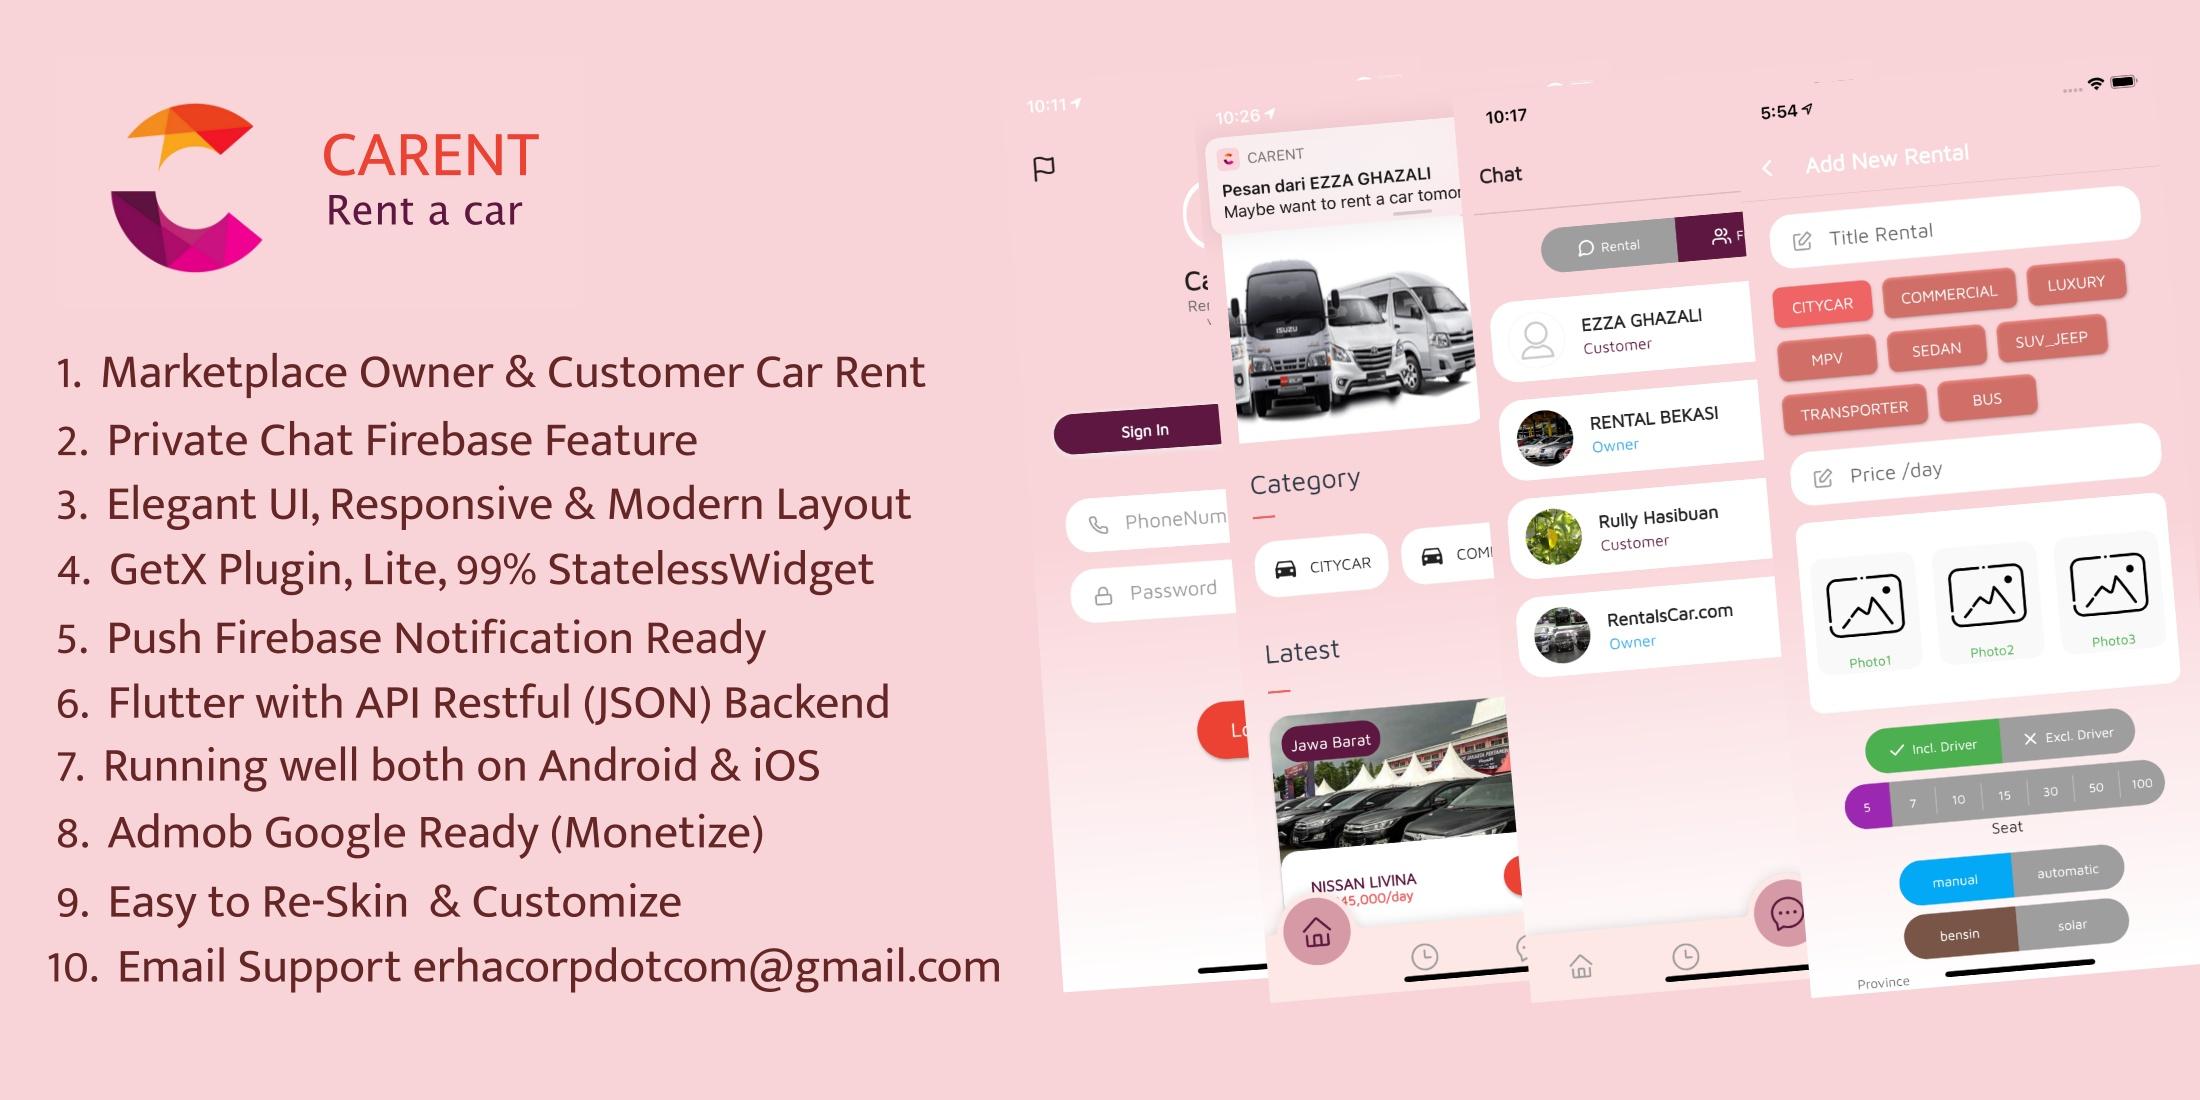 feature_carent2021.jpg